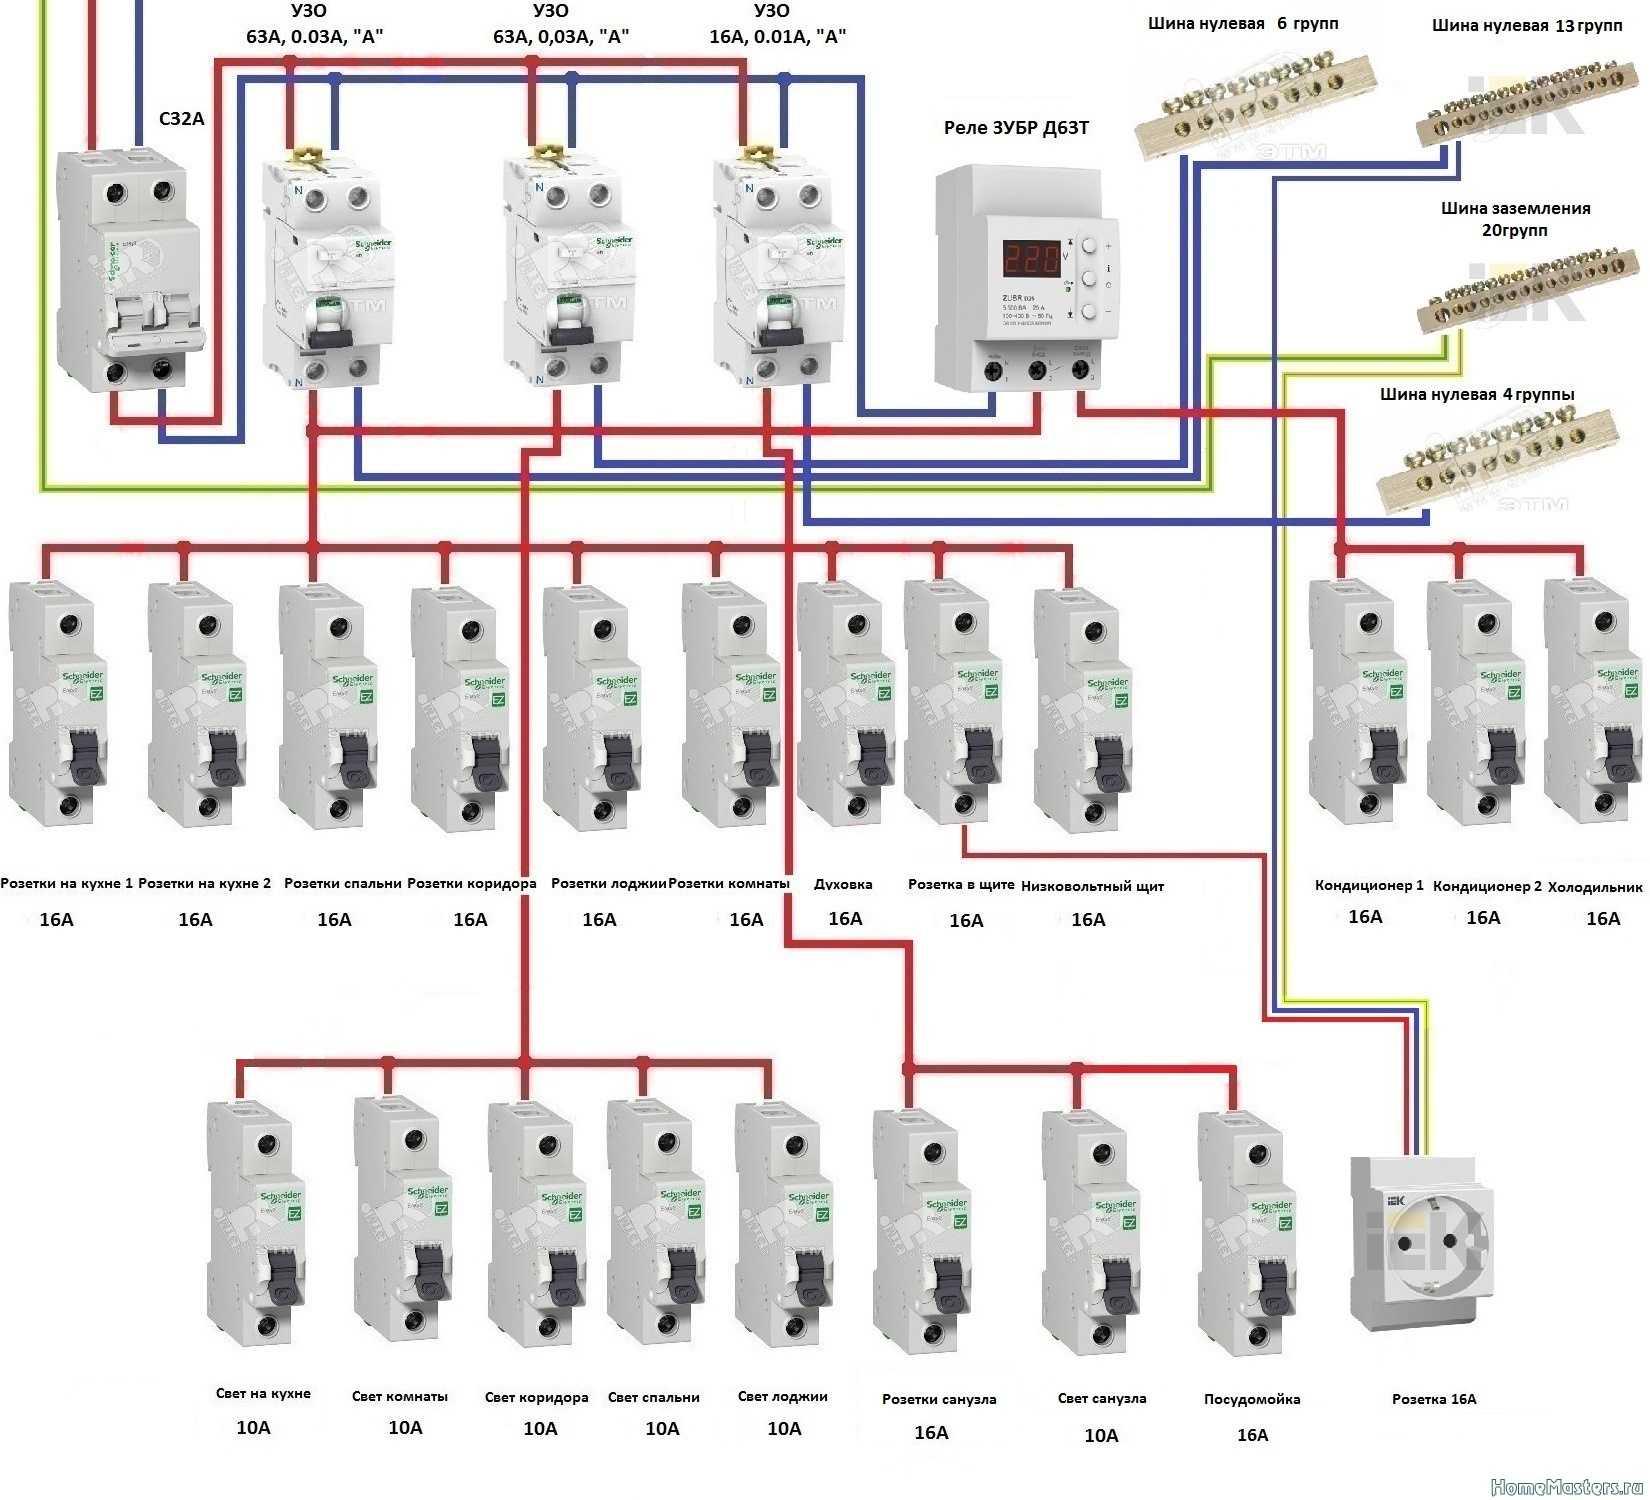 Схема электропроводки в однокомнатной квартире - всё о электрике в доме